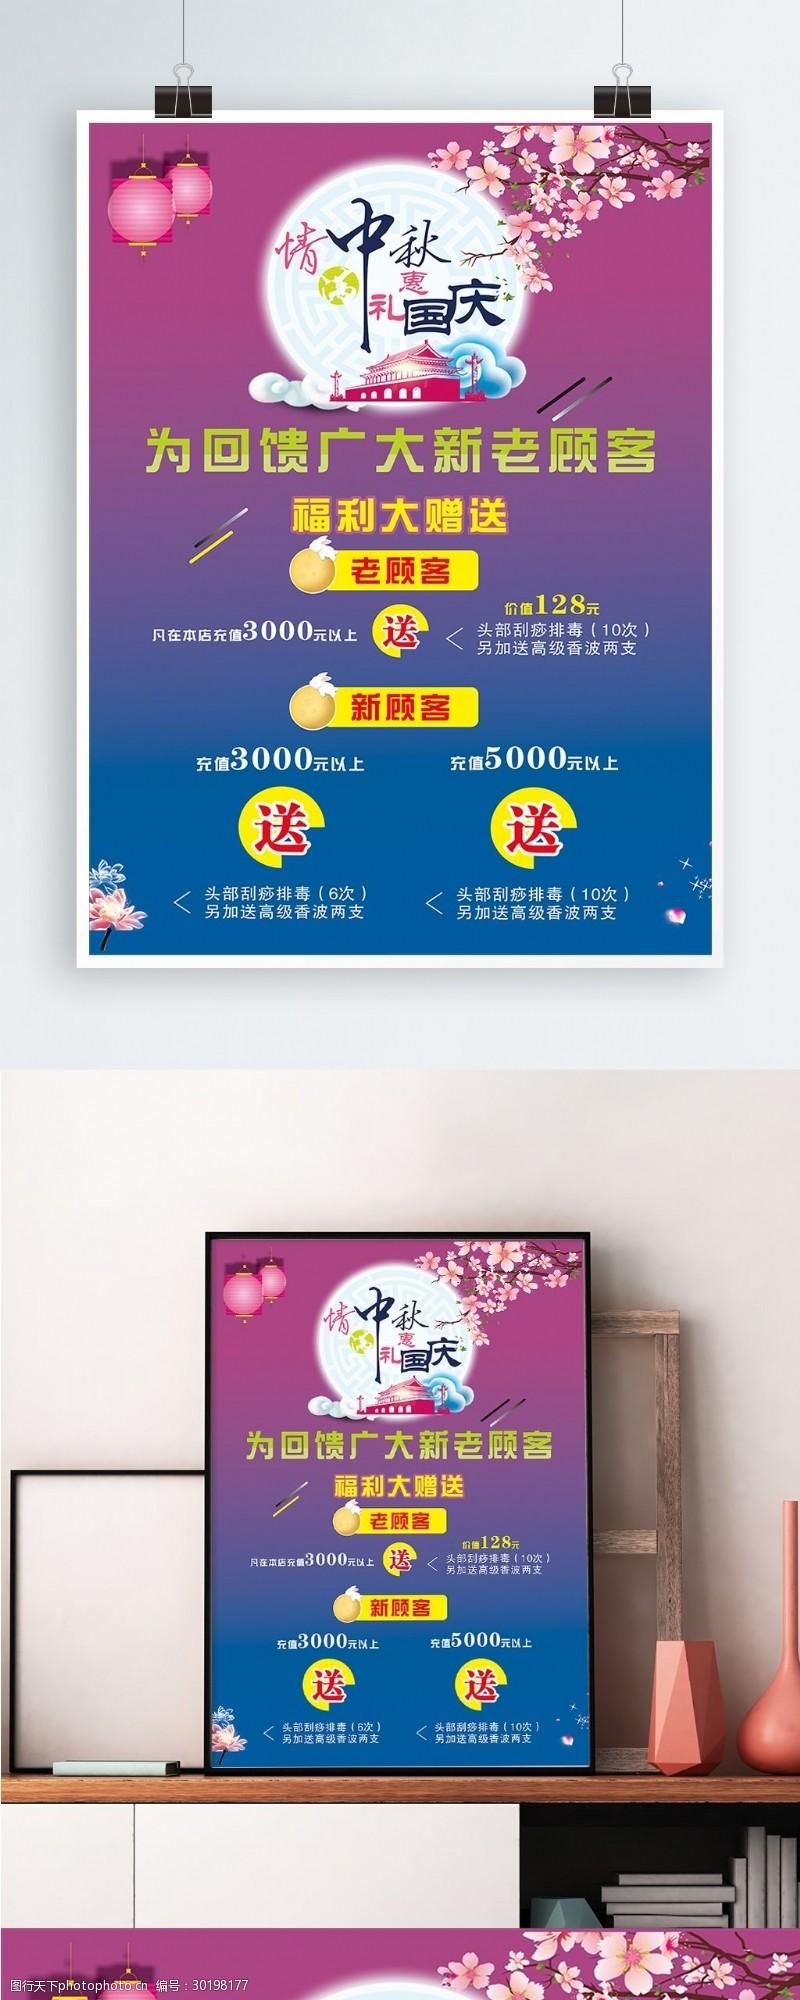 中秋国庆活动海报头皮护理活动